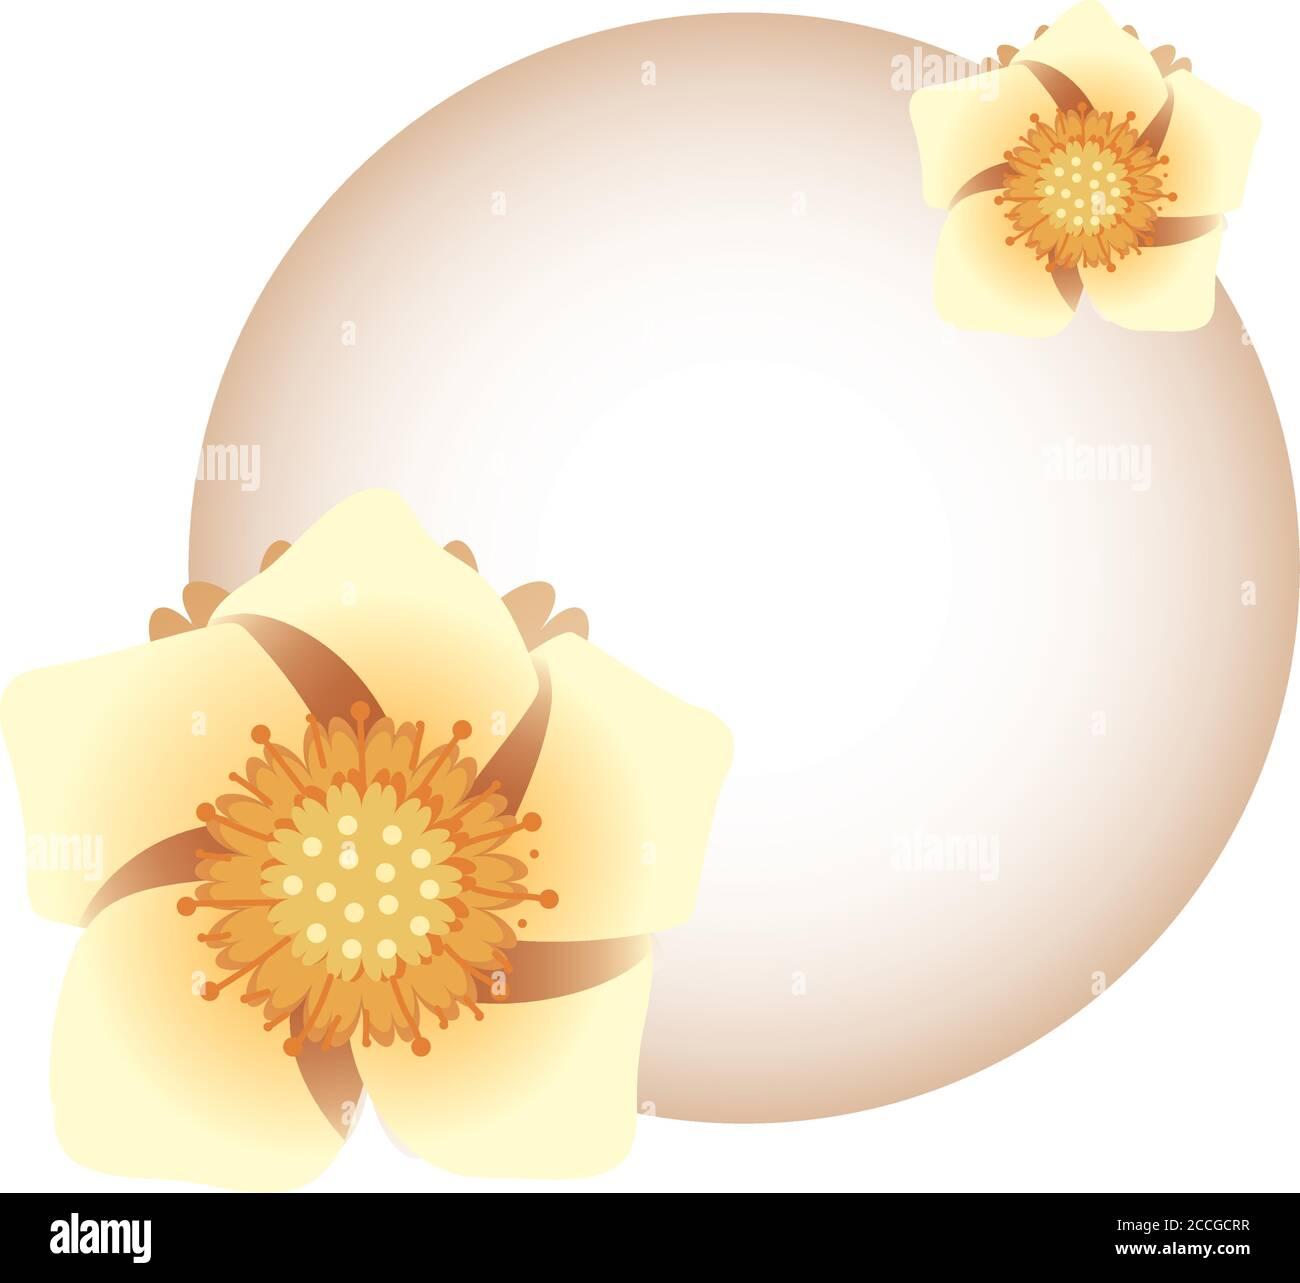 Mond mit Blumen Design, Mitte Herbst Ernte Mond Festival orientalischen chinesischen und Feier Thema Vektor Illustration Stock Vektor